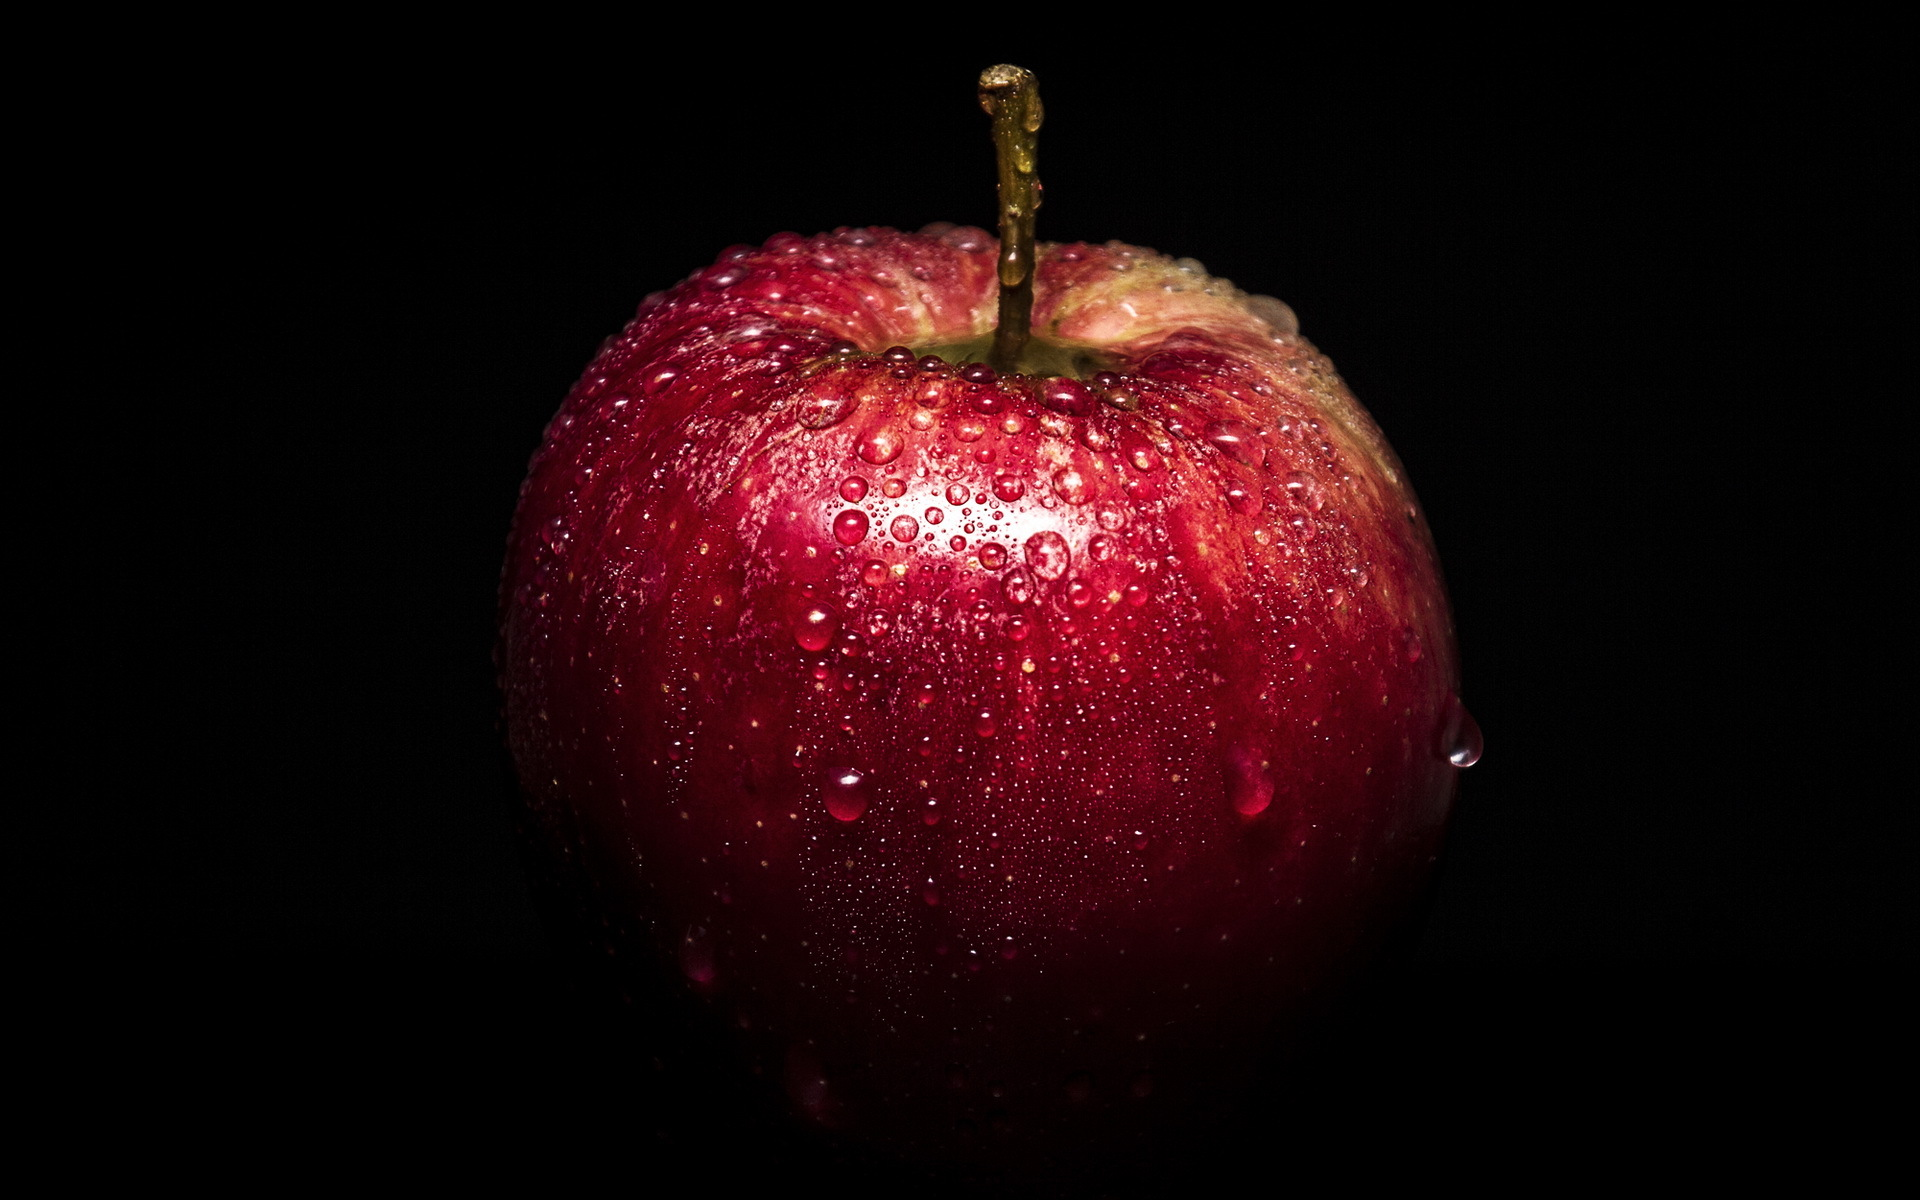 Картинки на телефон красивые яблоко